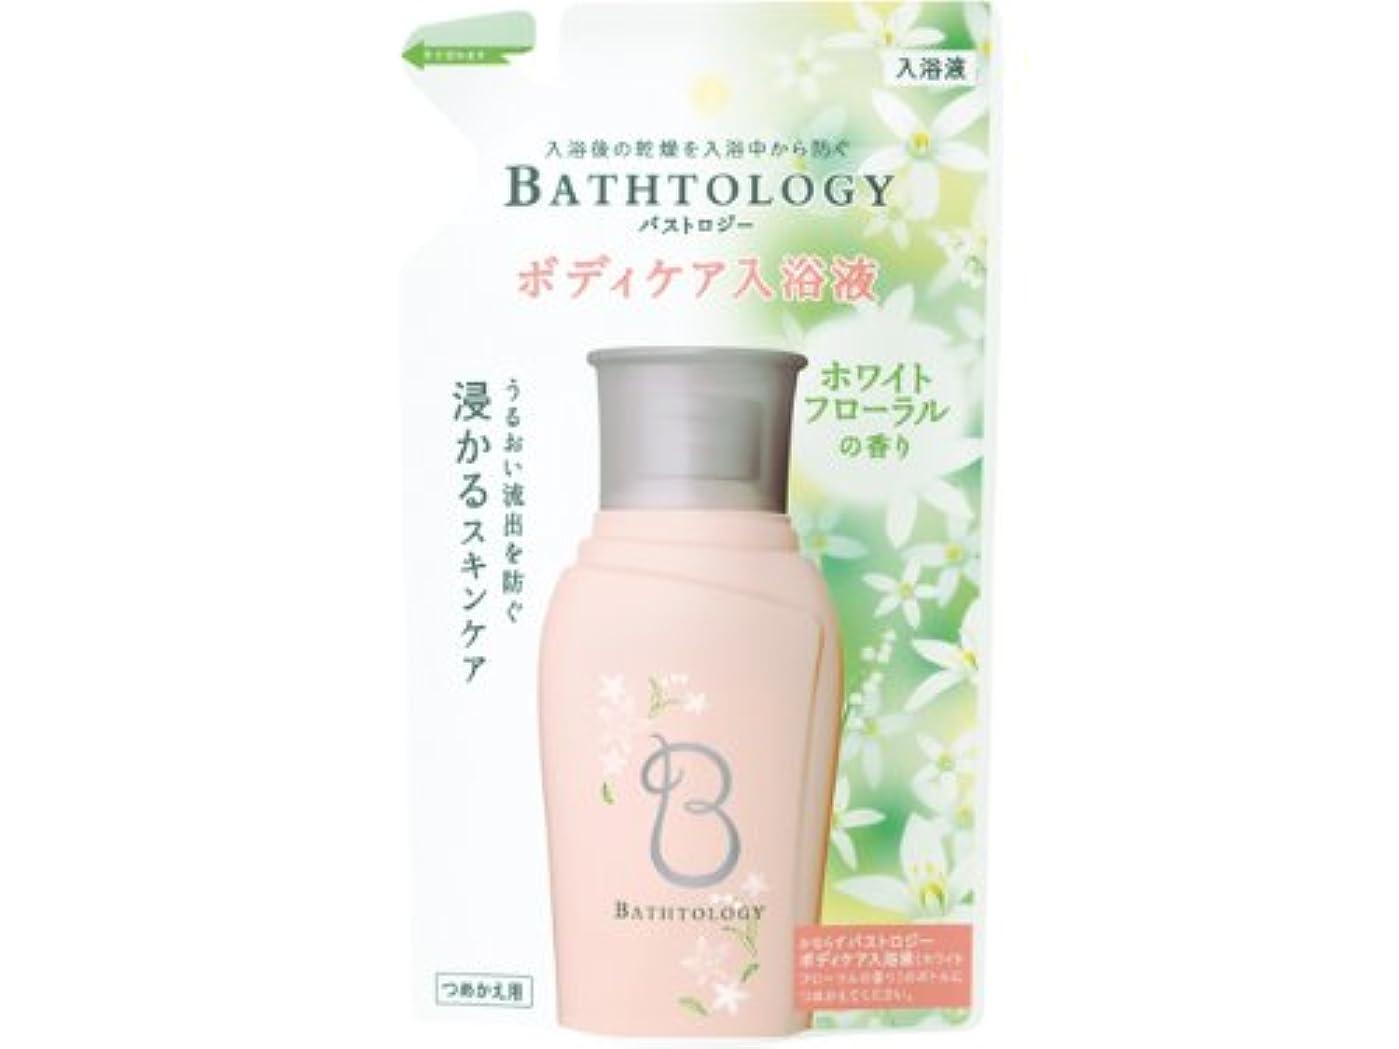 スカープ名前サッカーBATHTOLOGY ボディケア入浴液 ホワイトフローラルの香り つめかえ用 450ml